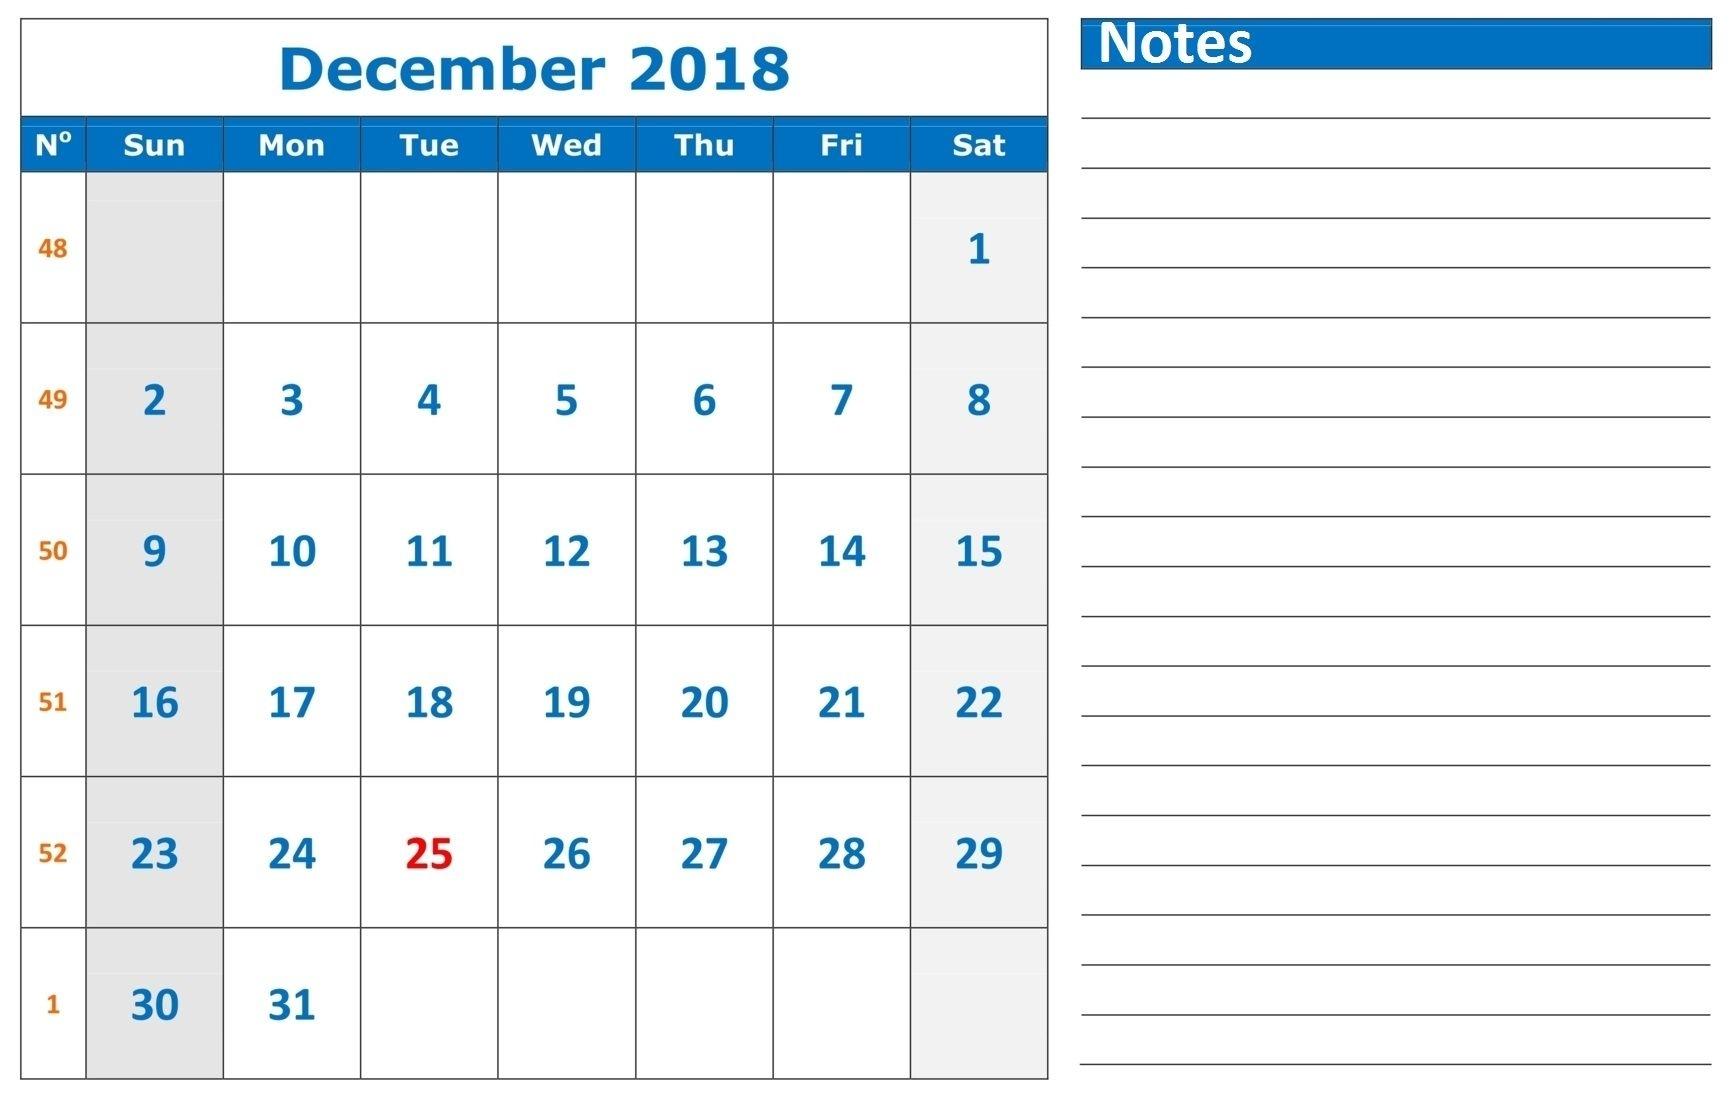 December 2018 Google Sheet With Notes | Calendar Template